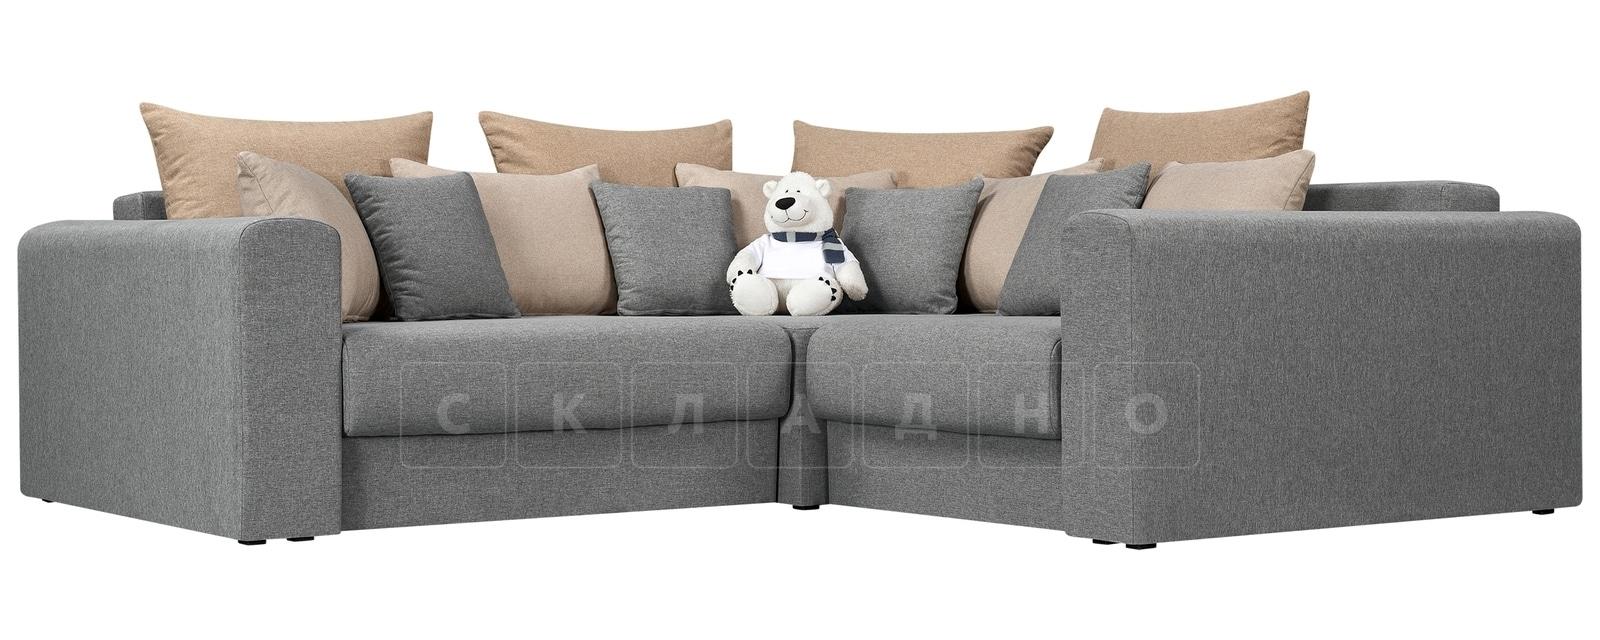 Угловой диван Медисон серый 244х224 см фото 1 | интернет-магазин Складно